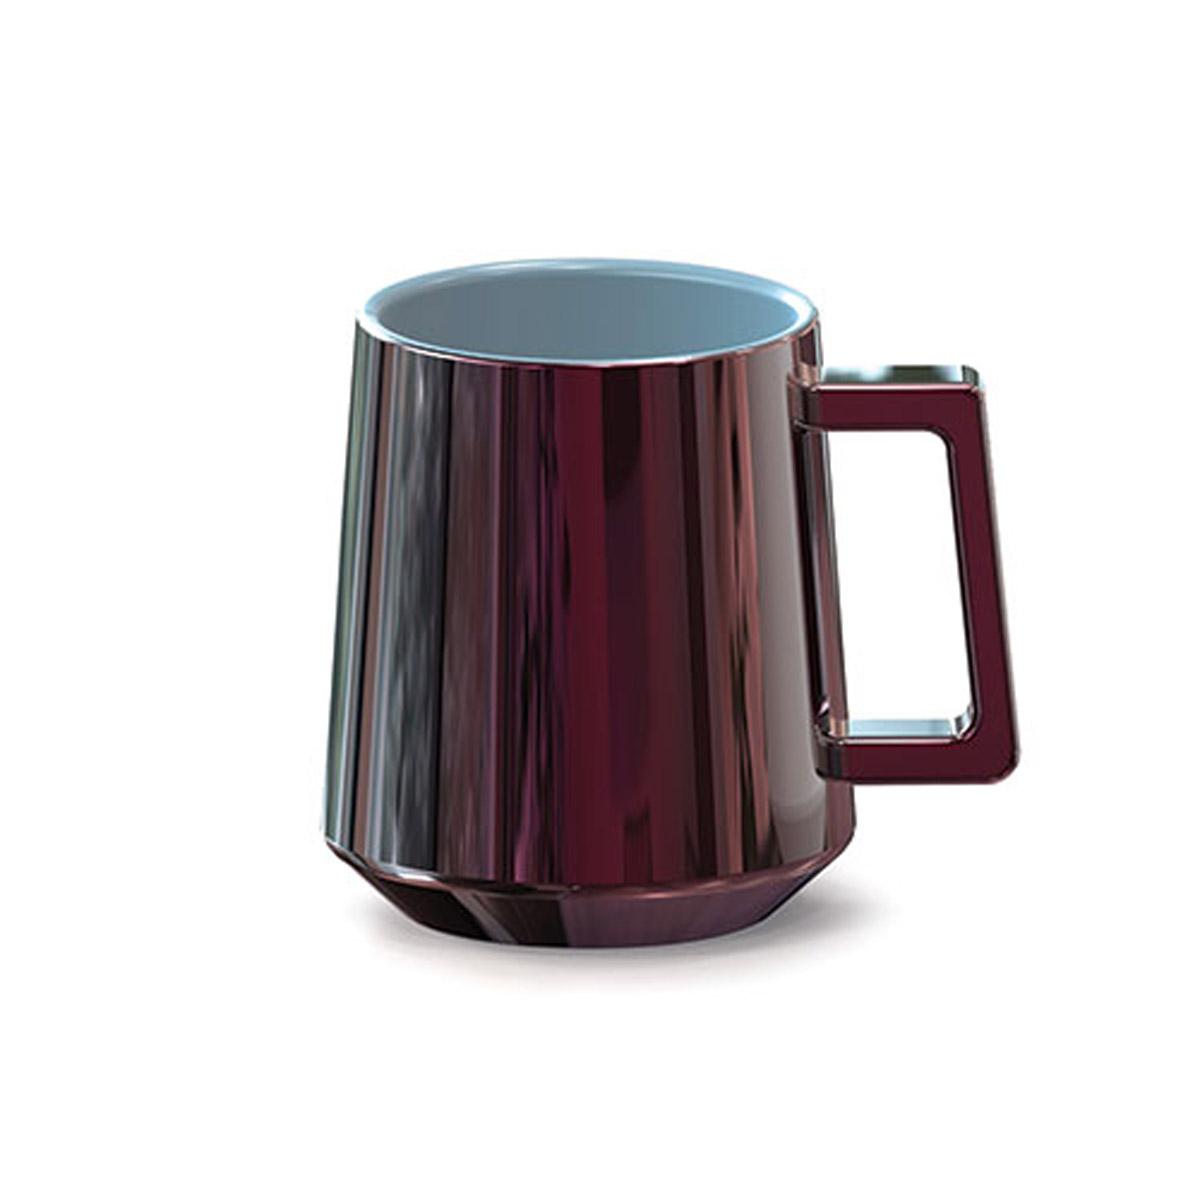 Mug560 burgundy 500